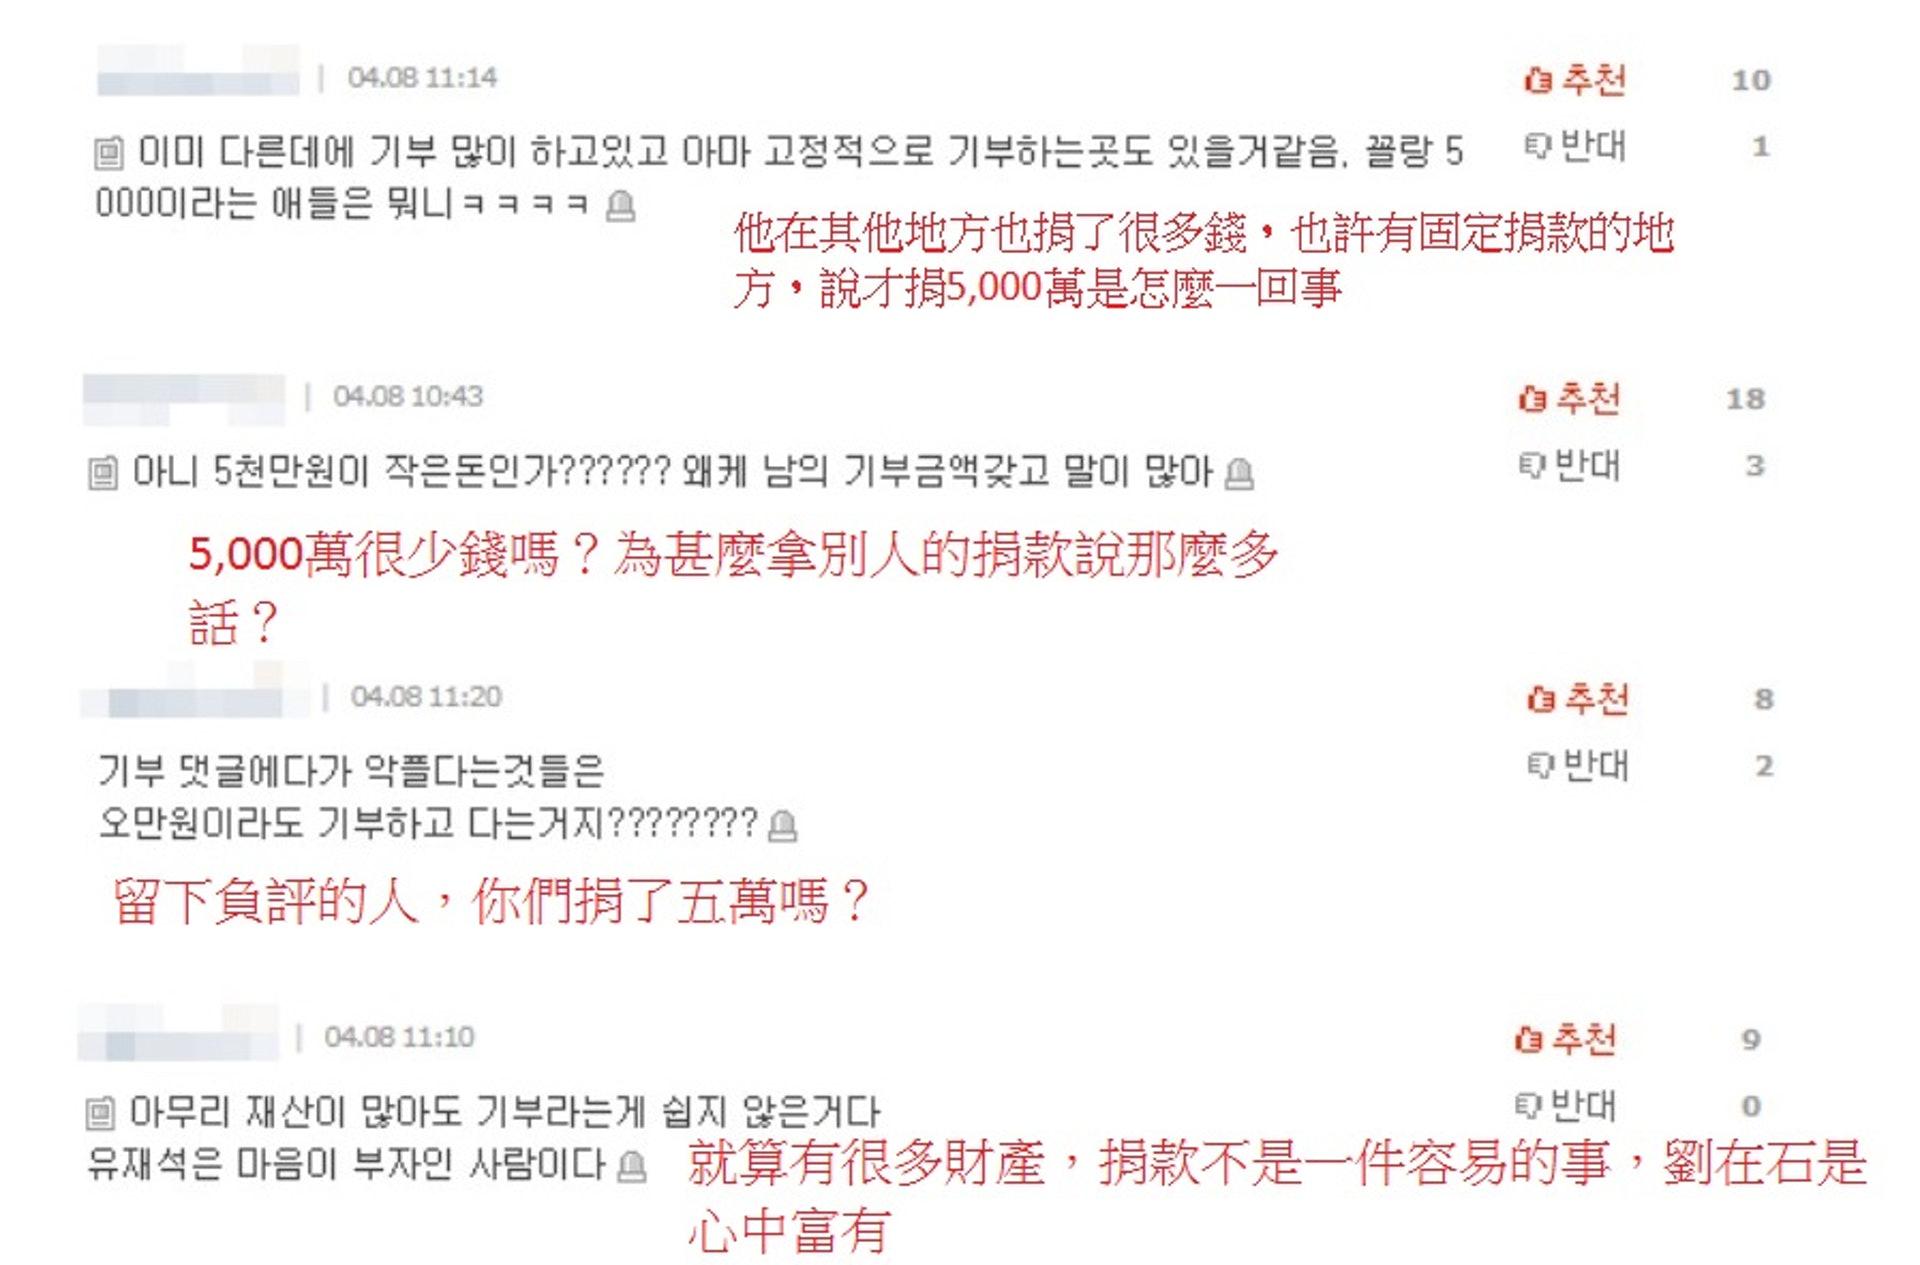 #娱讯#刘在石韩国火灾捐款五千万被网民嫌太少:IU都捐一亿了!